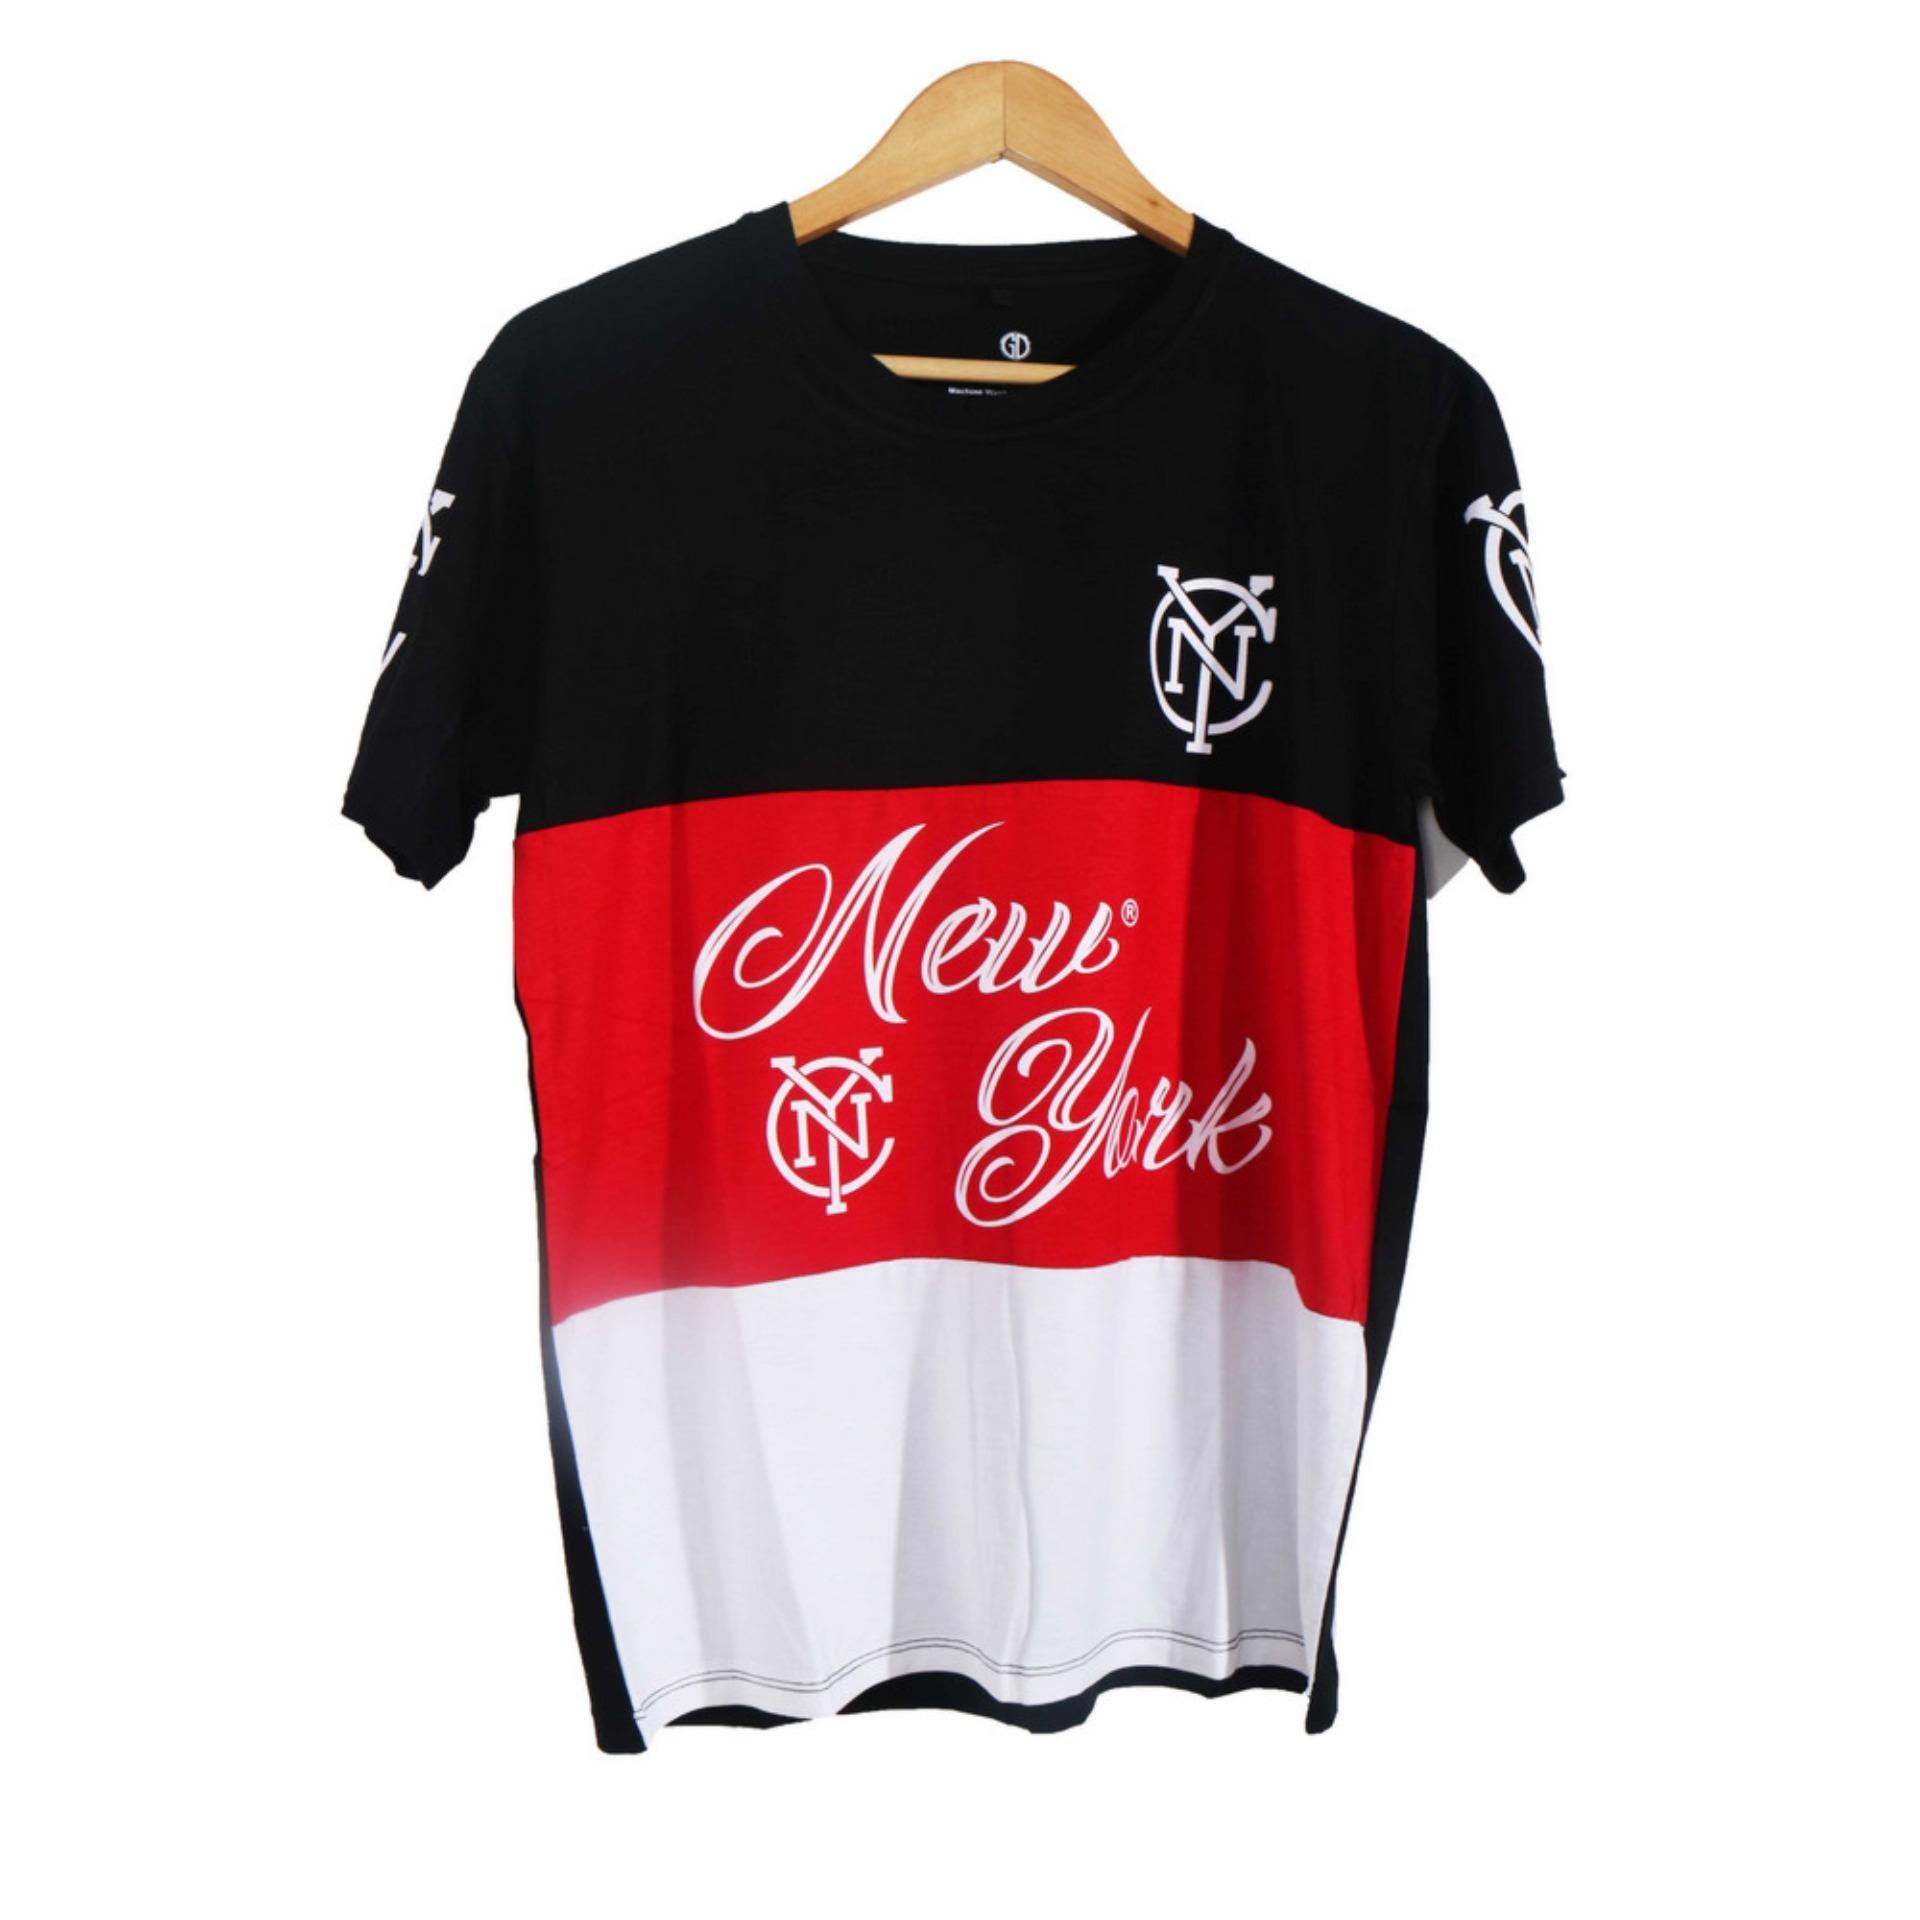 cae2fb1e867 Cikitashop - Kaos T-Shirt Distro   Kaos Pria   T-Shirt Pria Anime